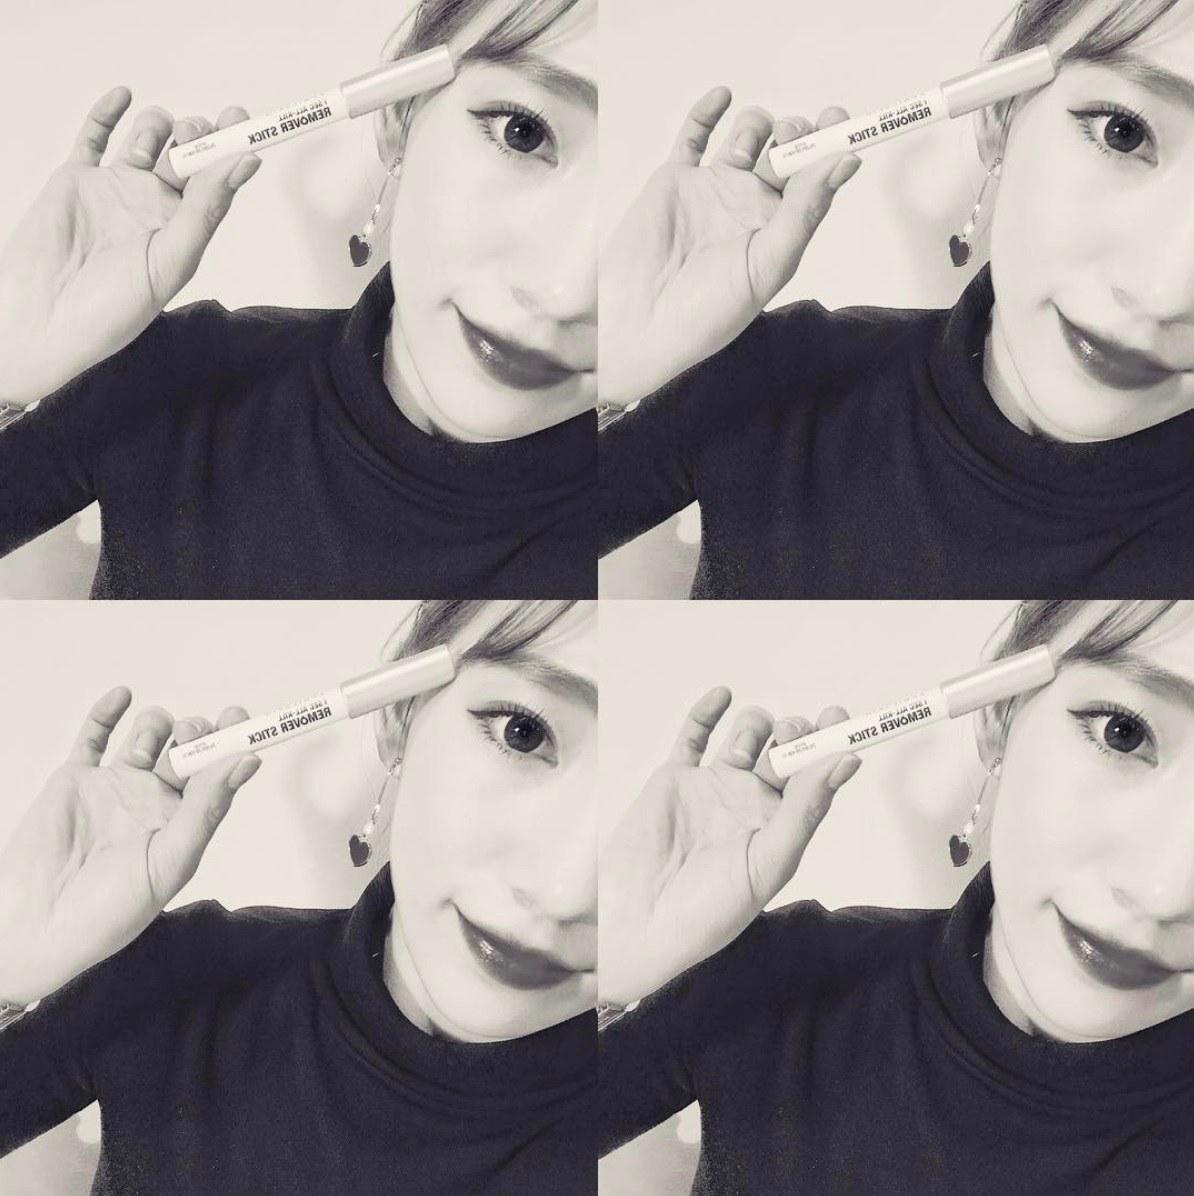 只要是有習慣畫眼唇妝的女孩真的都需要擺一支在化妝包中,尤其像台灣這種天氣,再完美的妝容不用三小時也會嚴重走山啊~